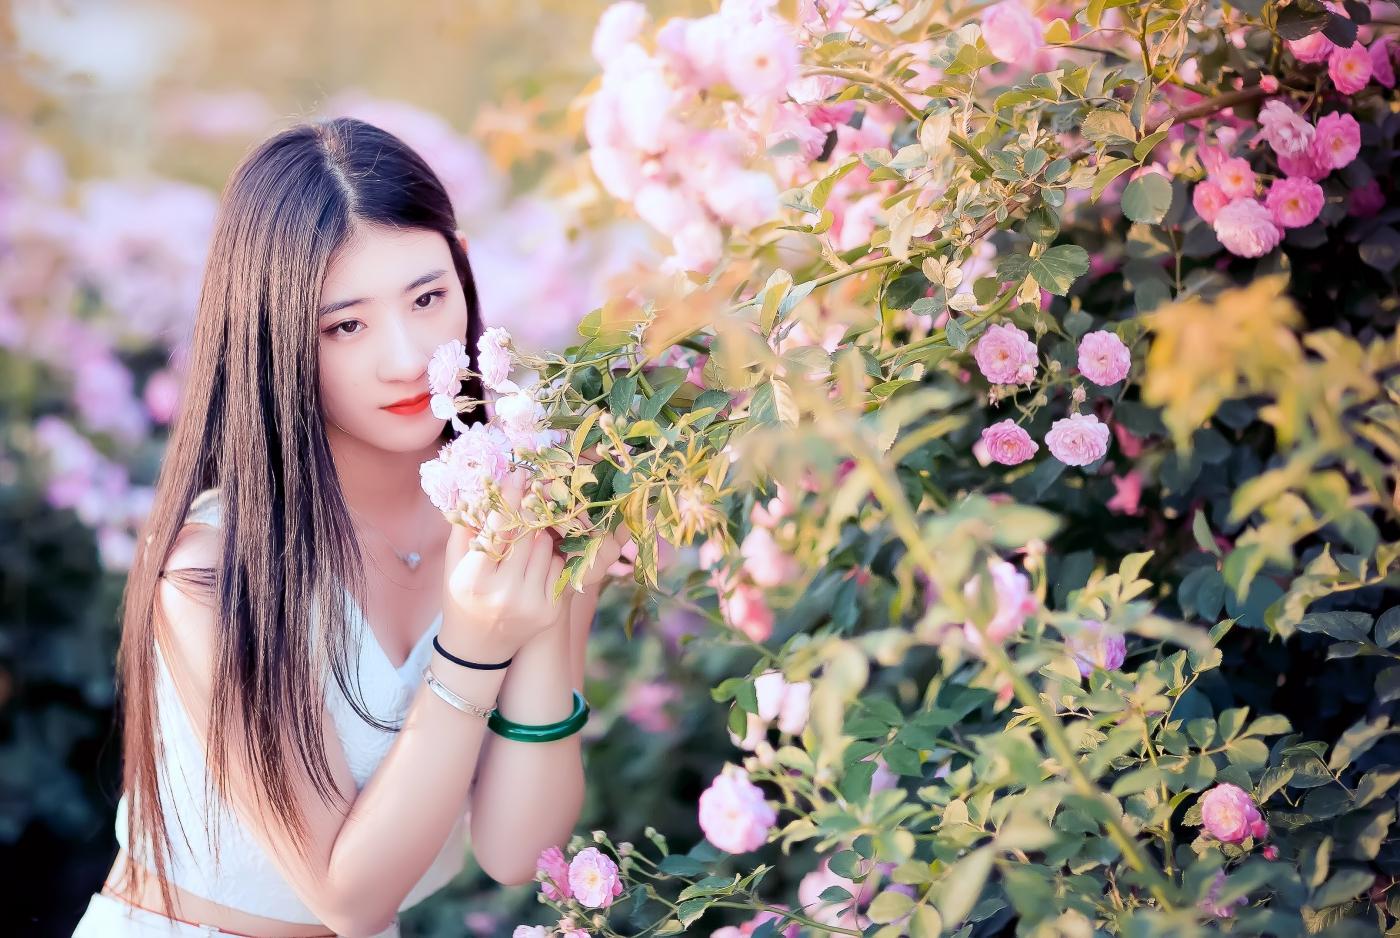 临沂大学有这么一道美丽的蔷薇长廊 当蔷薇MM王璐在她面前走过 ..._图1-10